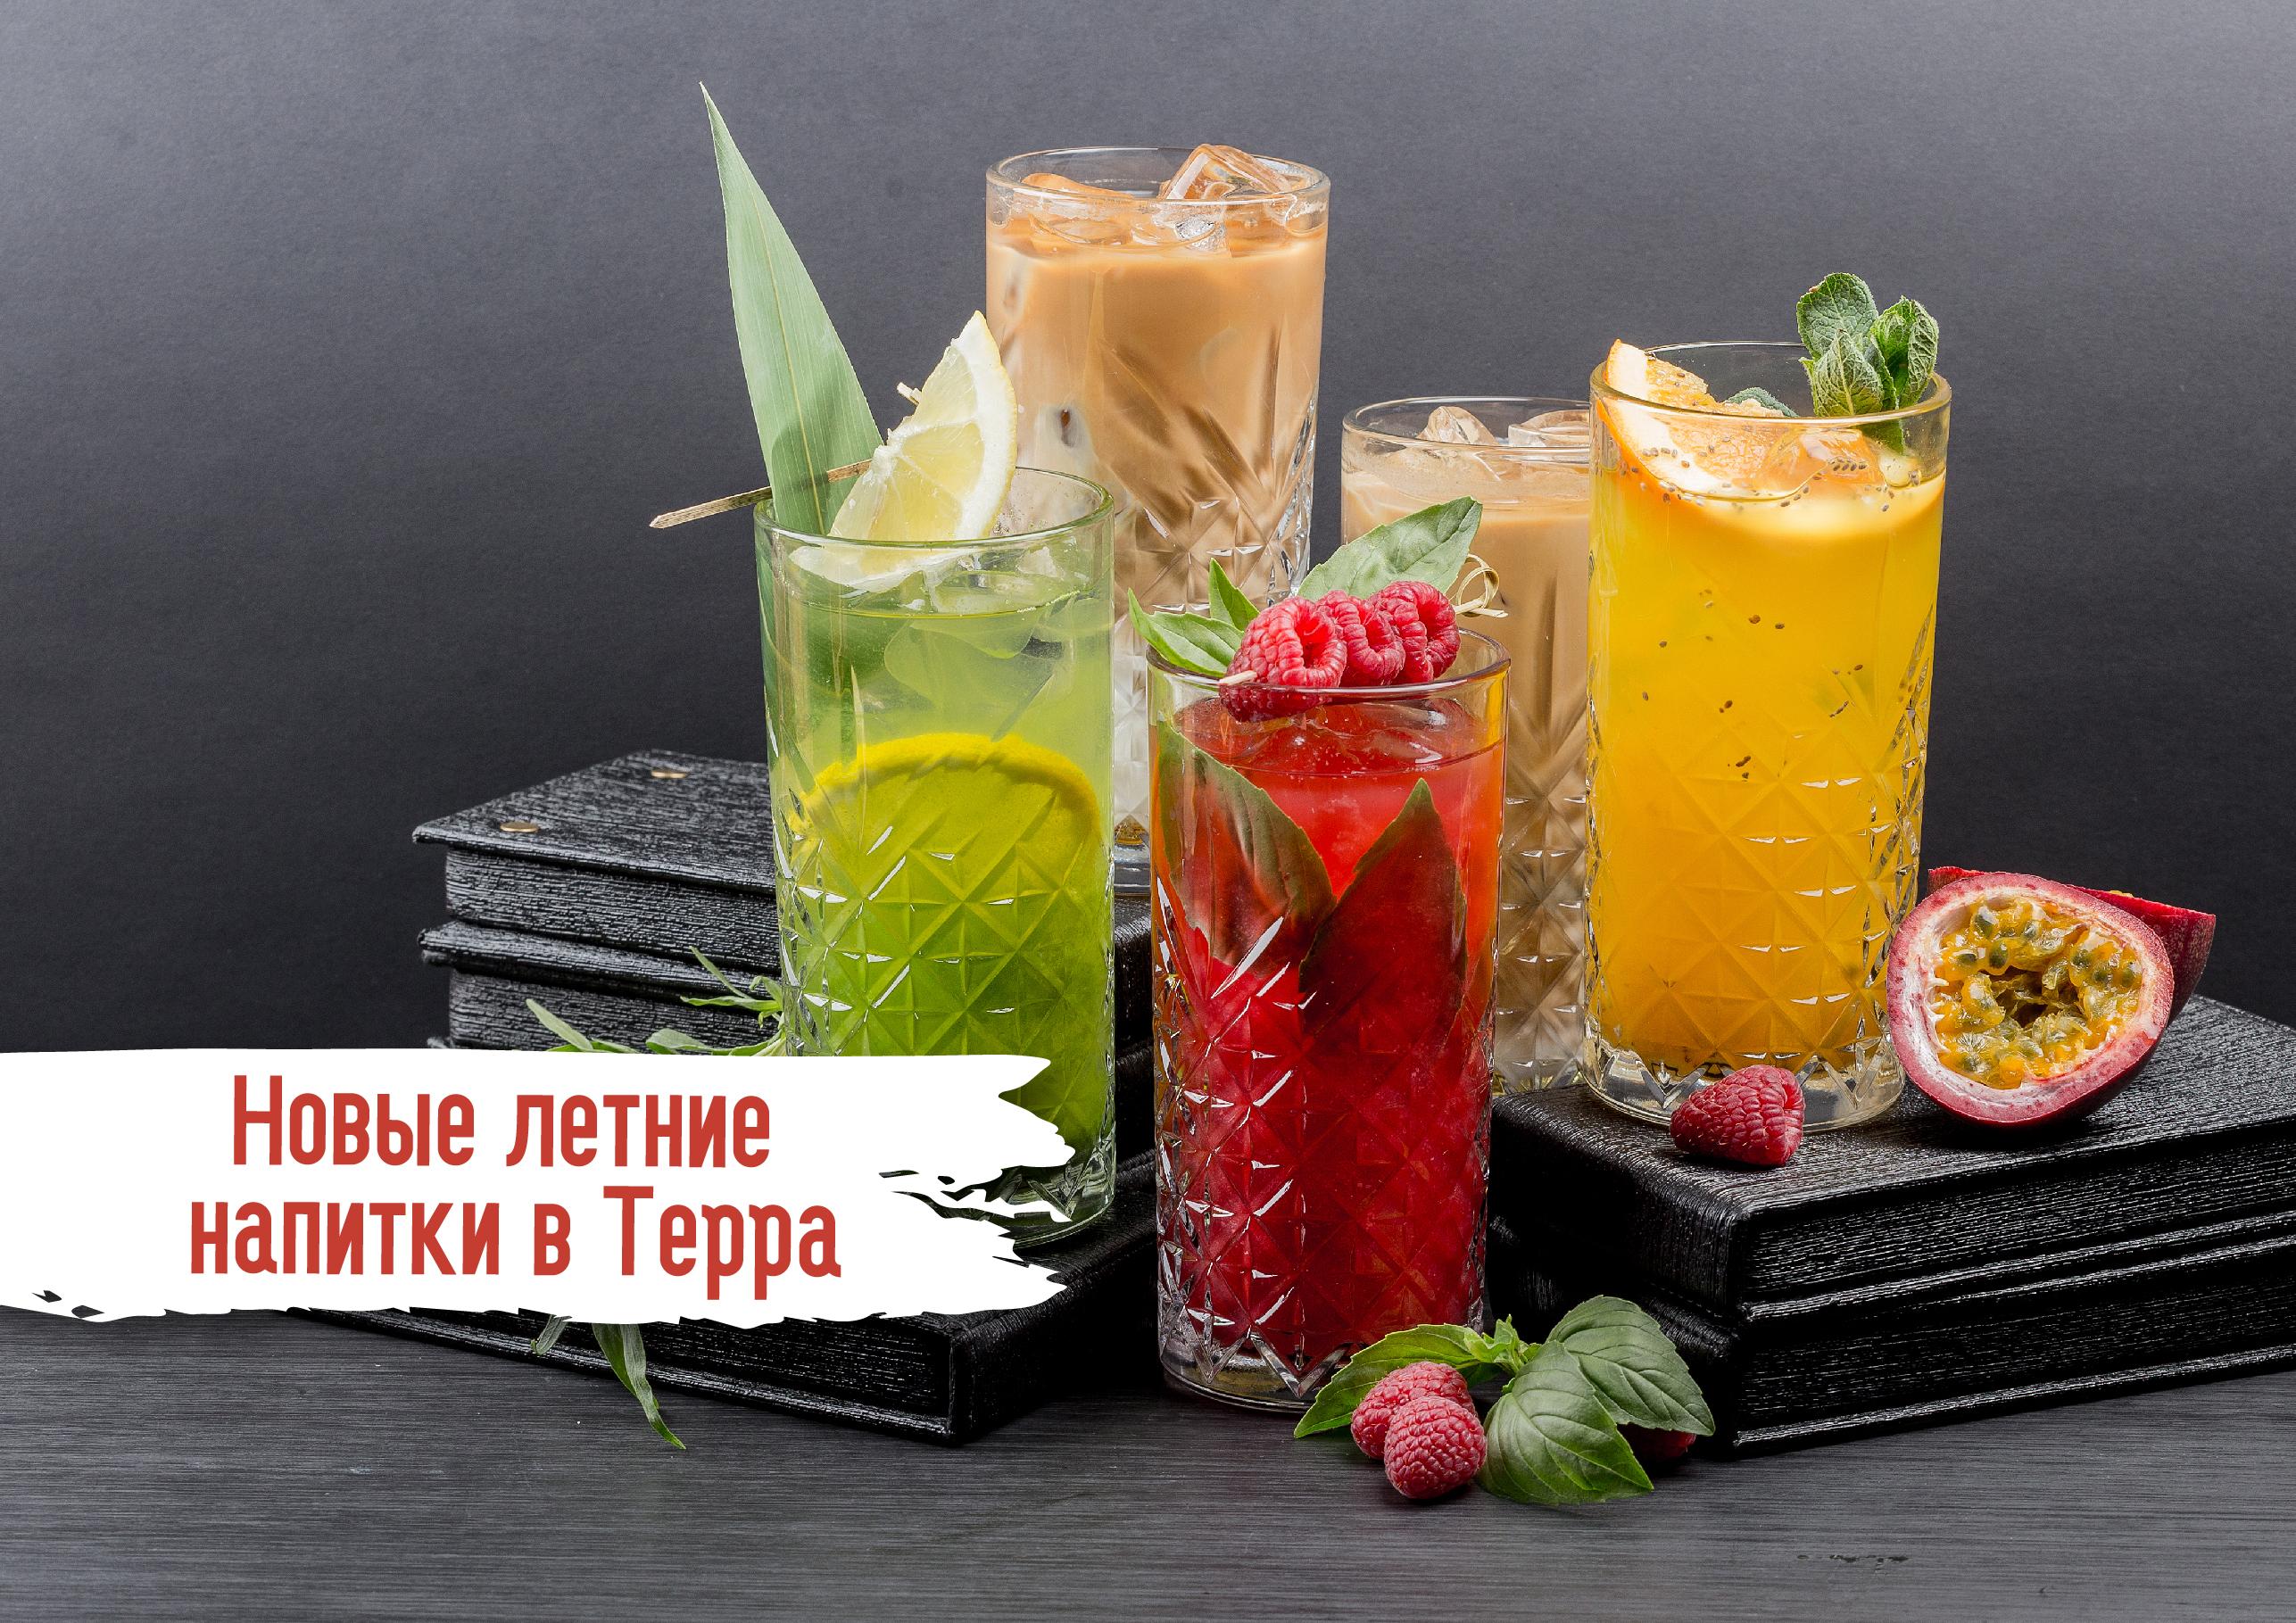 Новые летние напитки в Terra!